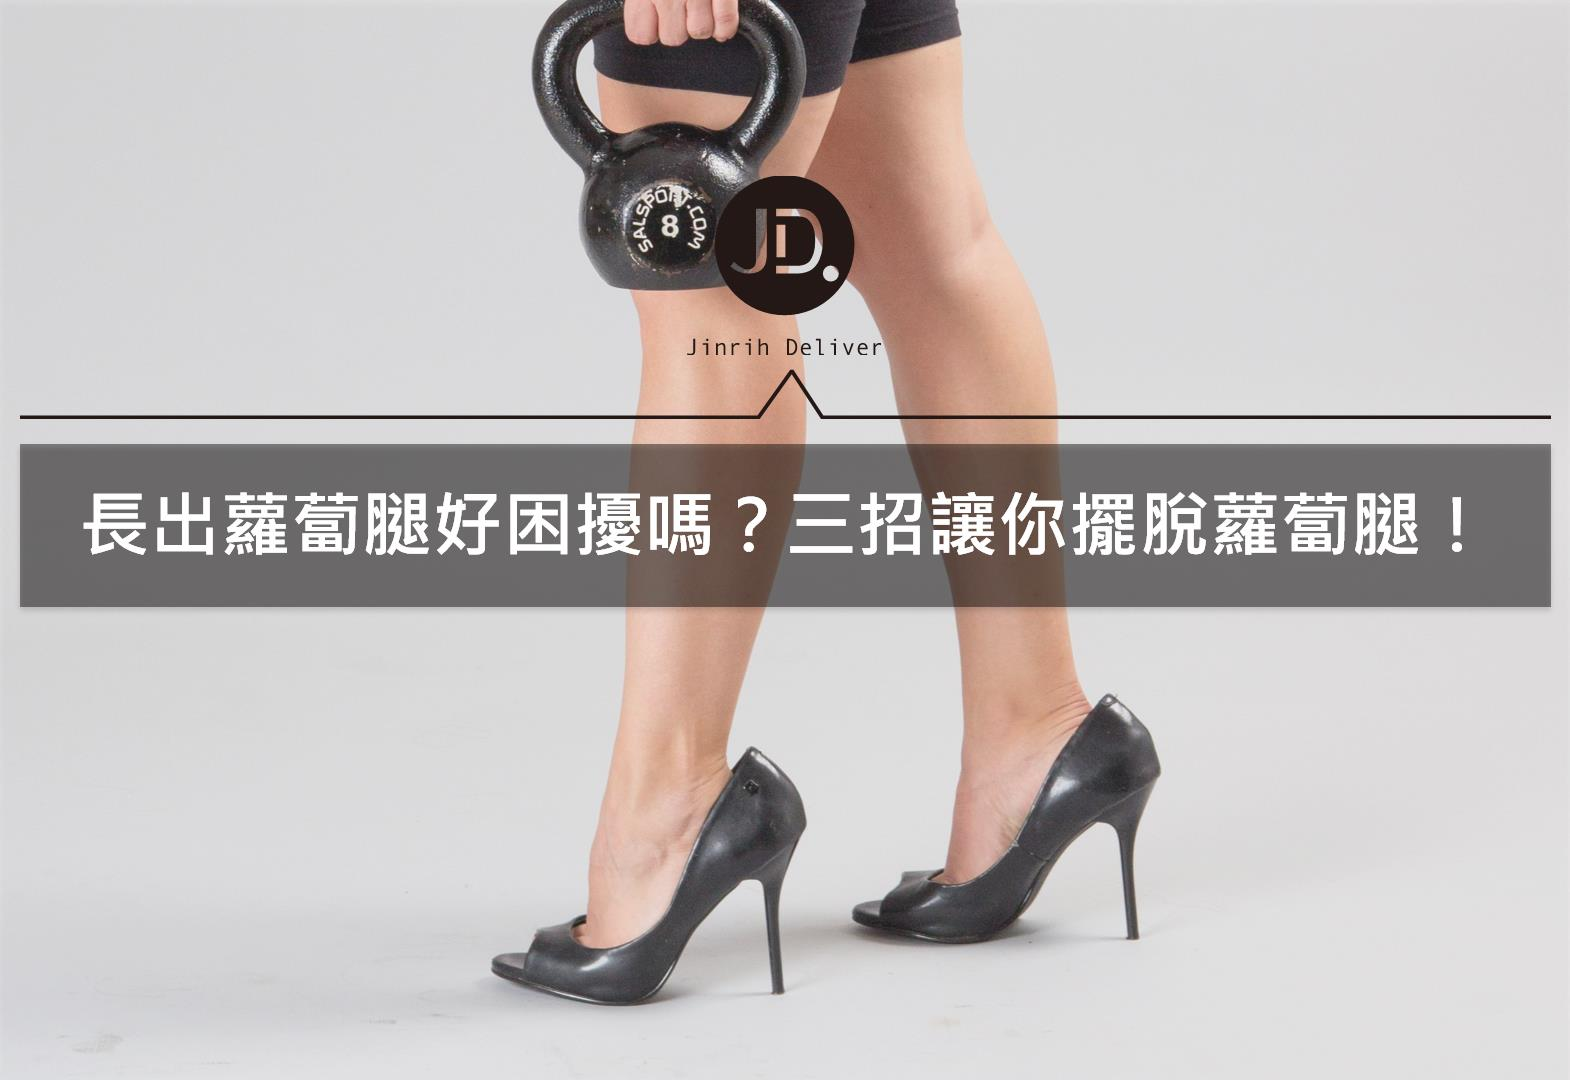 擊退蘿蔔腿!中醫師教你用三招輕鬆擁有美麗腿部線條